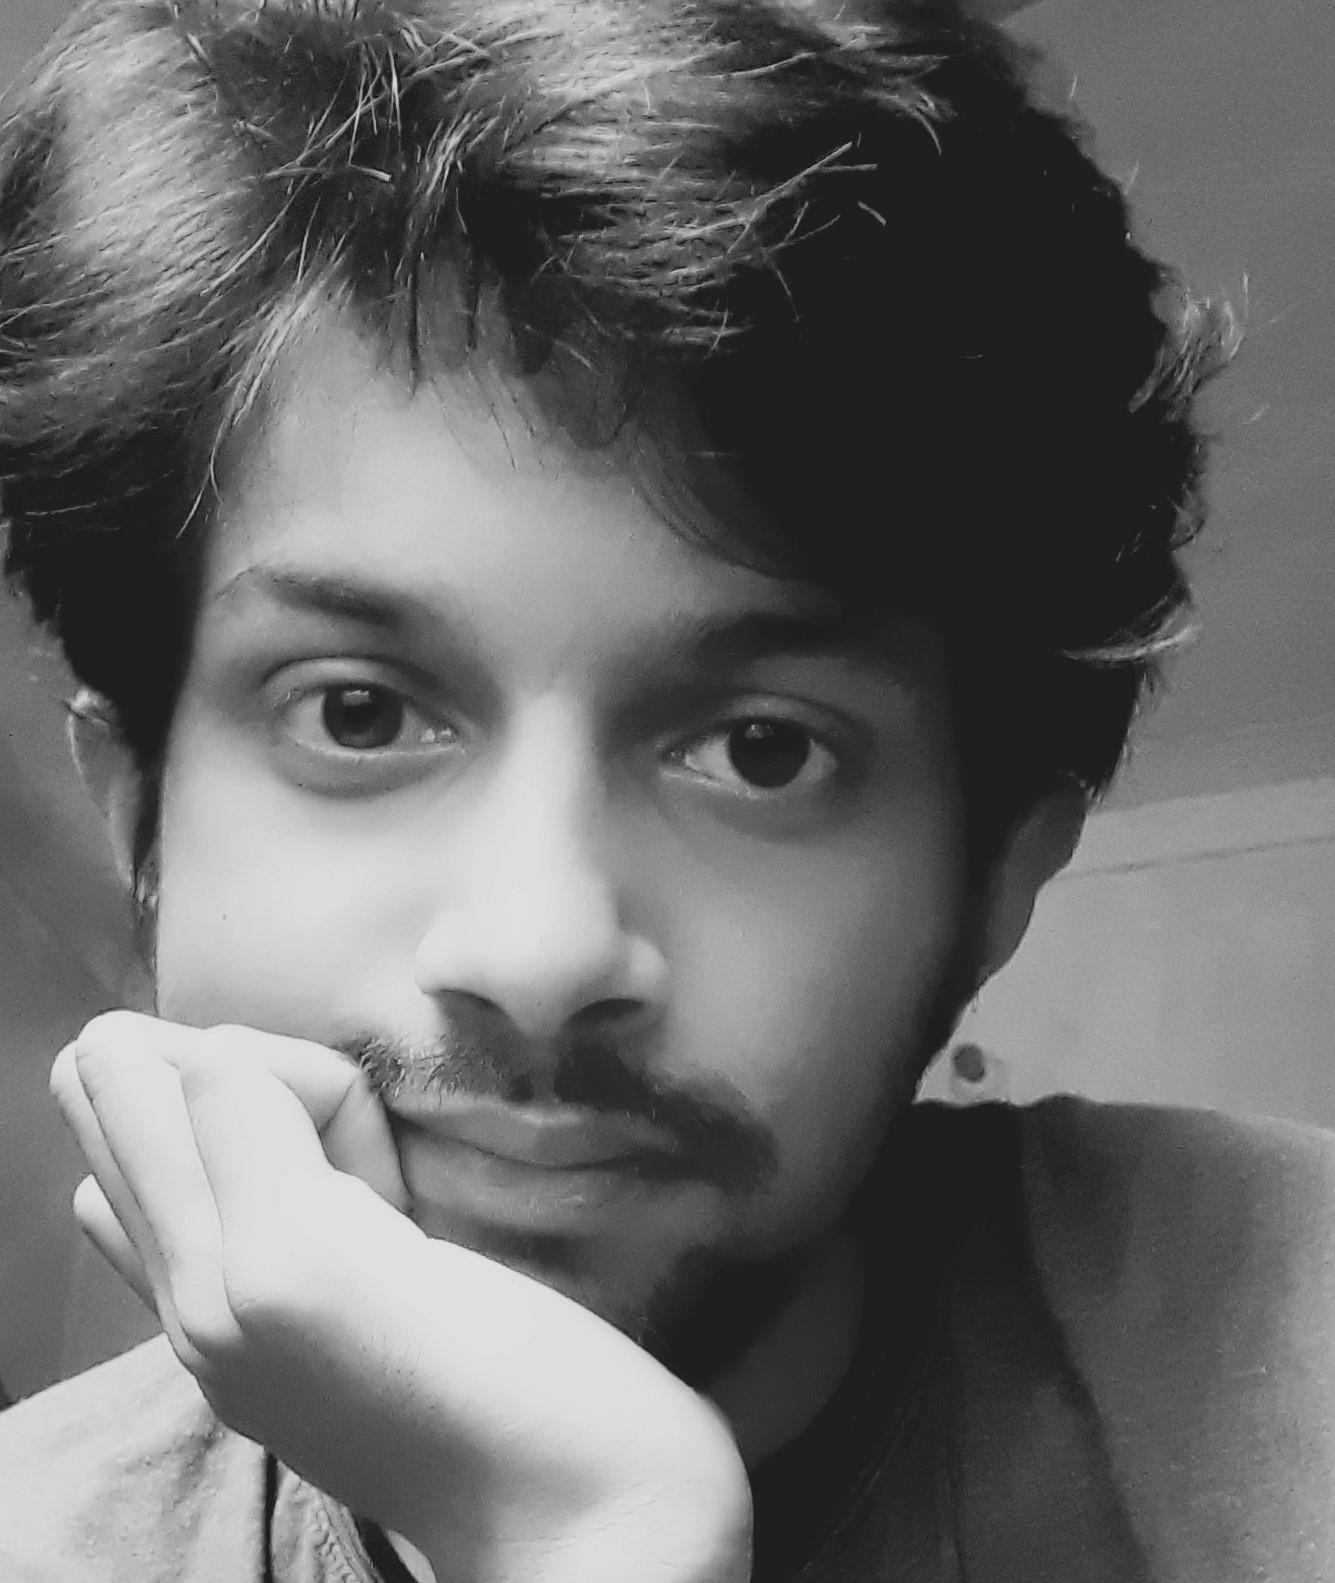 শব্দমালা : সাদিক আল আমিন